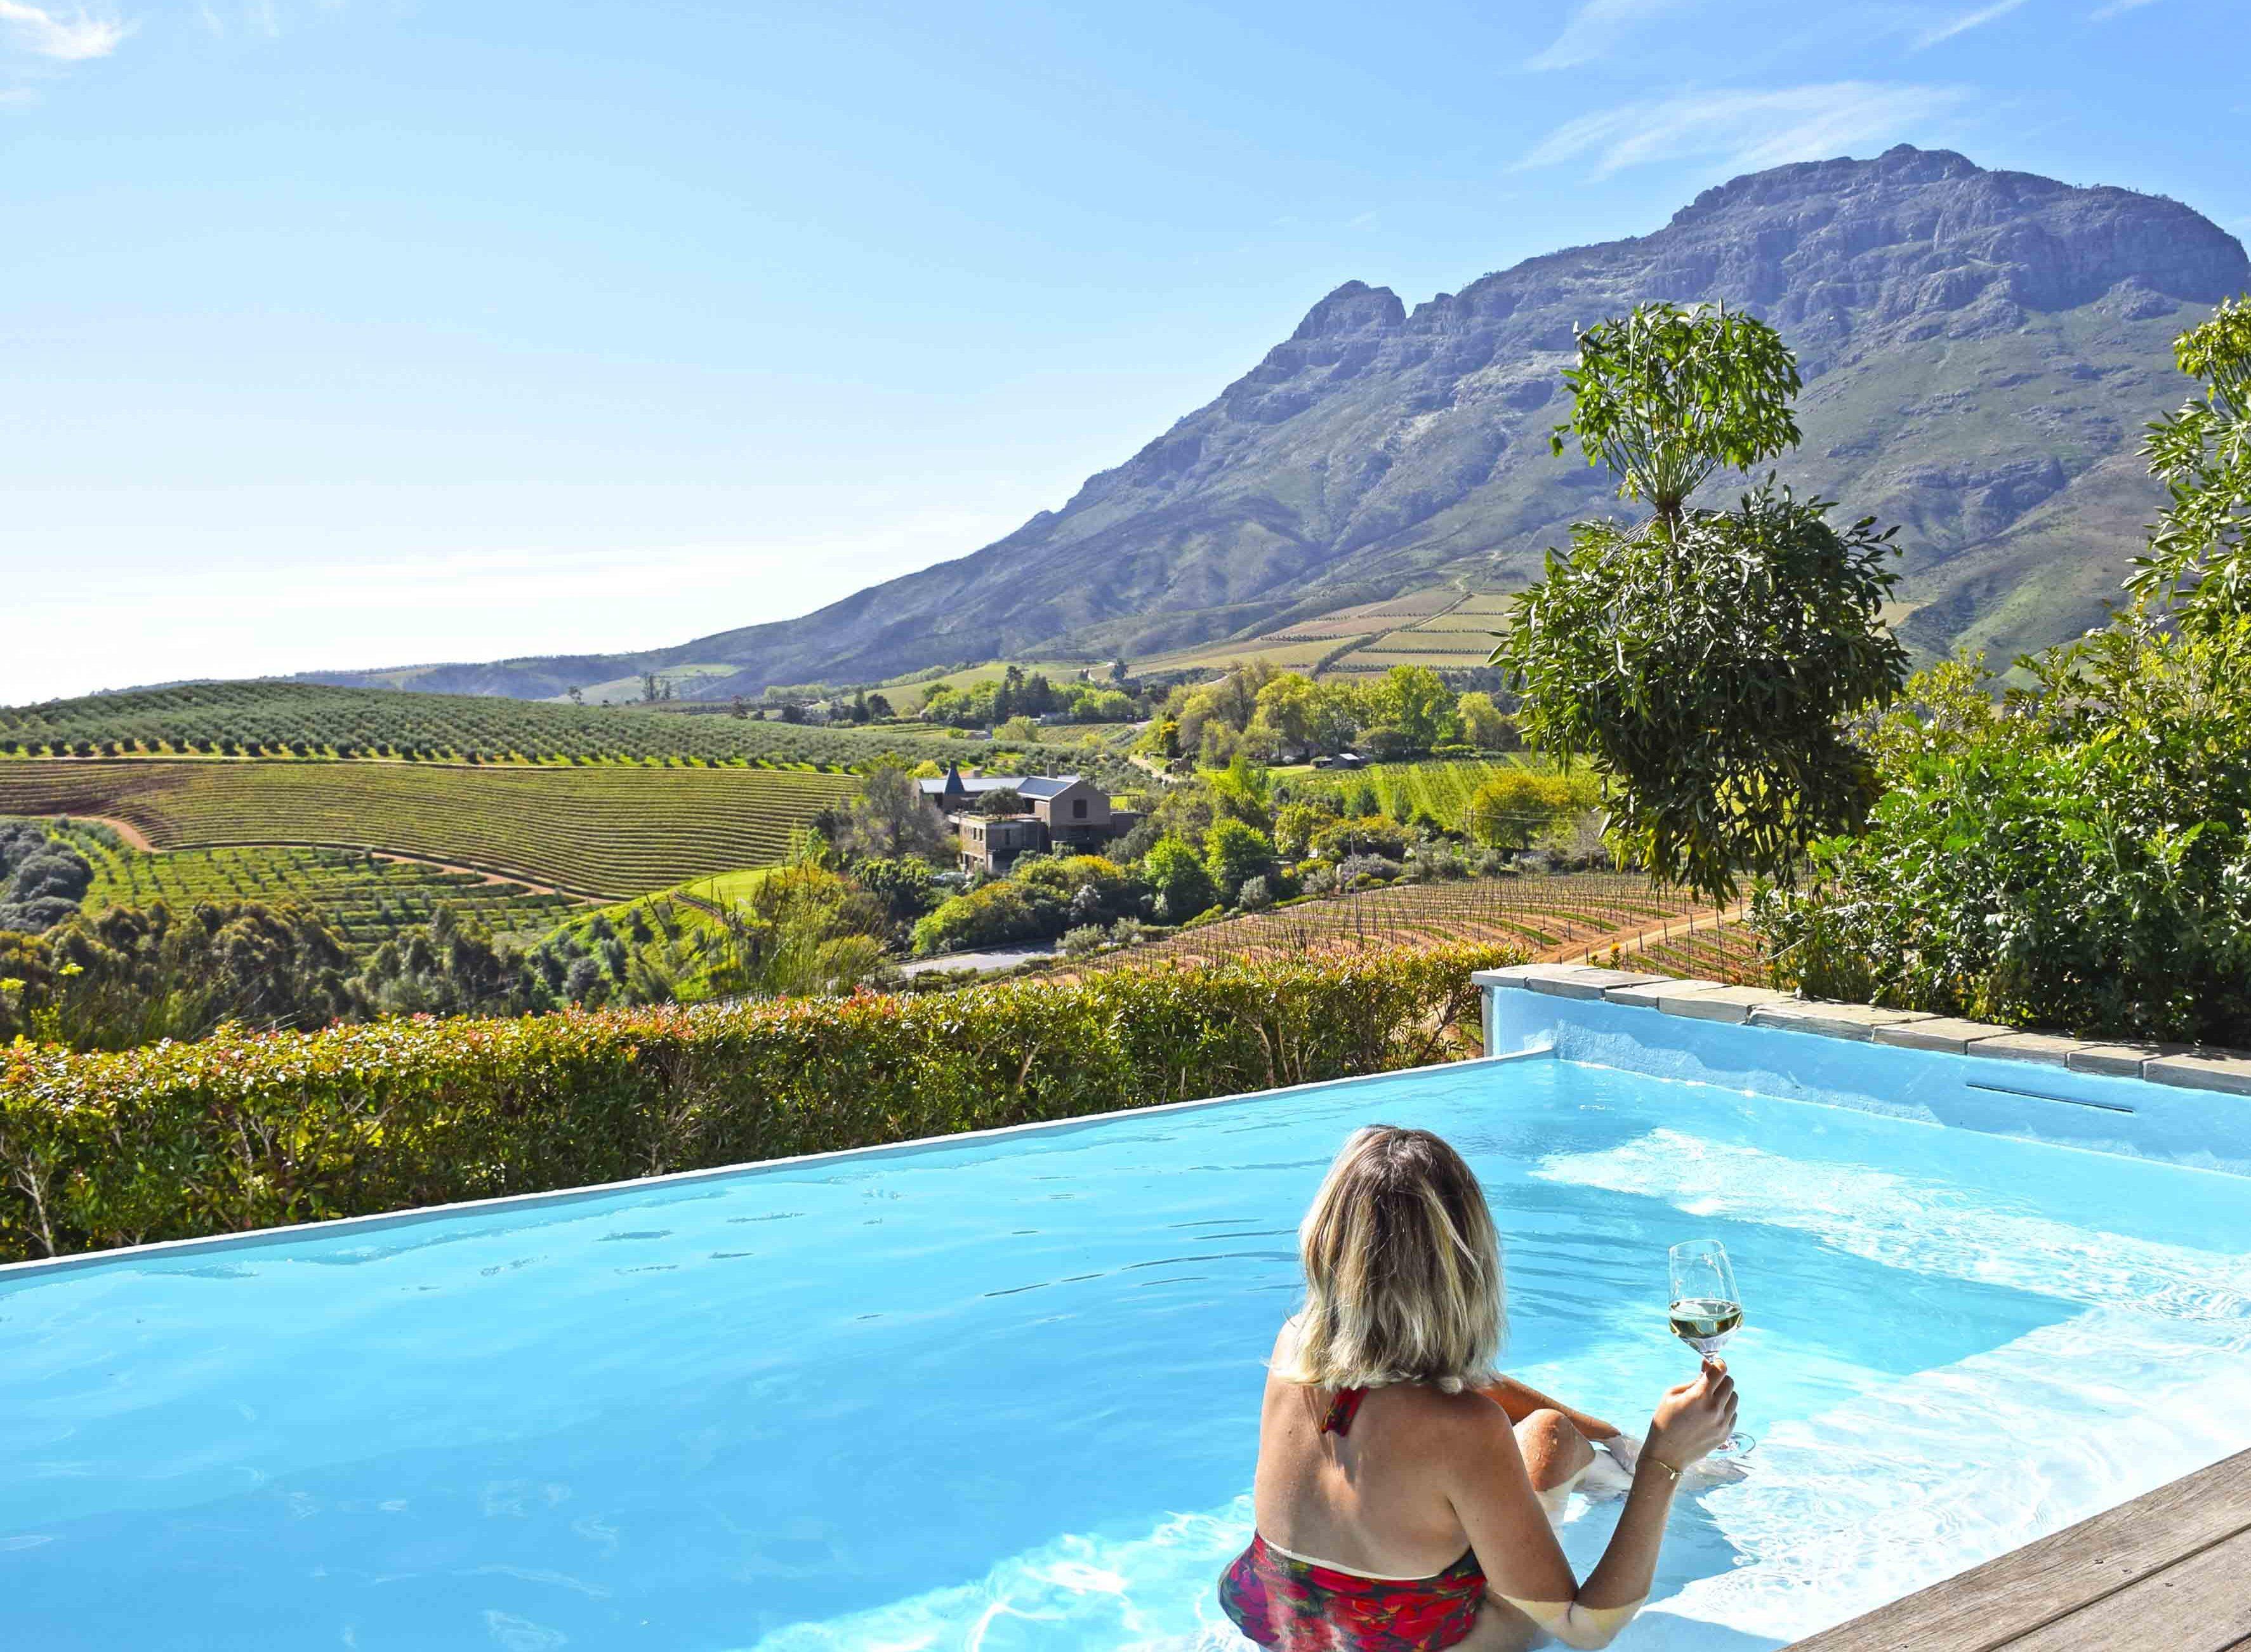 delaire graff stellenbosch south africa